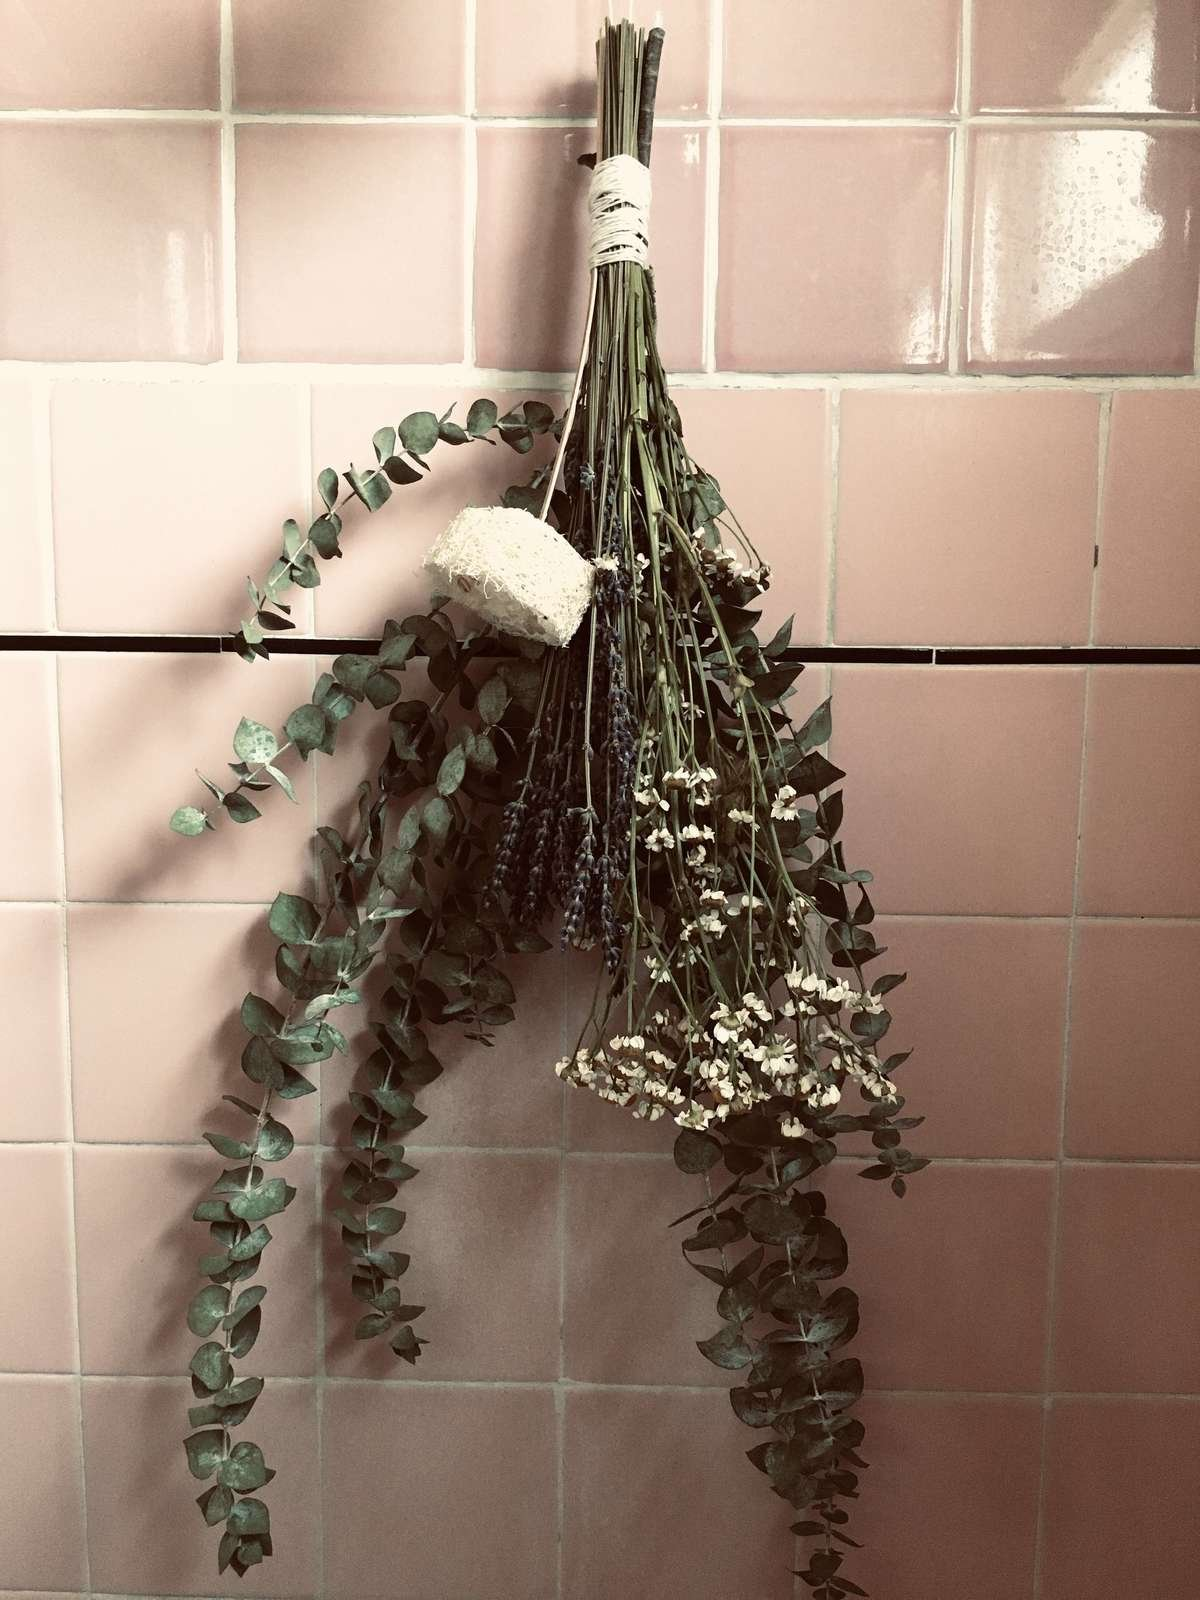 Where to Buy Eucalyptus for Shower